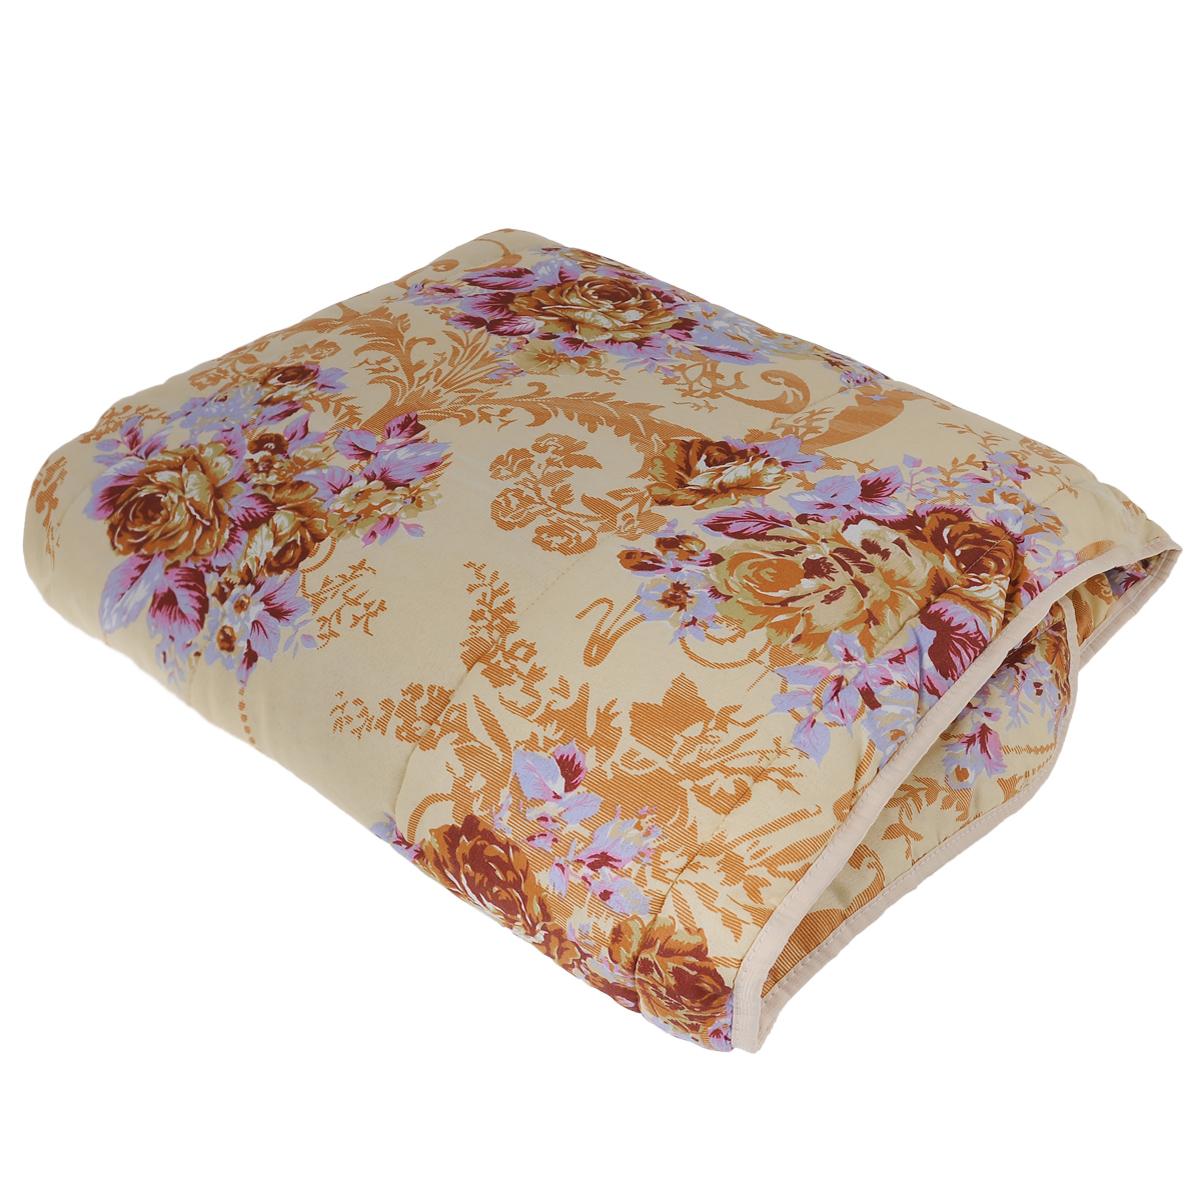 Одеяло летнее OL-Tex Miotex, наполнитель: полиэфирное волокно Holfiteks, 172 х 205 см, цвет в ассортиментеМХПЭ-18-1Легкое летнее одеяло OL-Tex Miotex создаст комфорт и уют во время сна. Чехол выполнен из полиэстера и оформлен красочным рисунком. Внутри - современный наполнитель из полиэфирного высокосиликонизированного волокна Holfiteks, упругий и качественный. Прекрасно держит тепло. Одеяло с наполнителем Holfiteks легкое и комфортное. Даже после многократных стирок не теряет свою форму, наполнитель не сбивается, так как одеяло простегано и окантовано. Не вызывает аллергии. Holfiteks - это возможность легко ухаживать за своими постельными принадлежностями. Можно стирать в машинке, изделия быстро и полностью высыхают - это обеспечивает гигиену спального места при невысокой цене на продукцию. Плотность: 100 г/м2. Уважаемые клиенты! Товар поставляется в цветовом ассортименте. Отгрузка производится из имеющихся в наличии цветов.